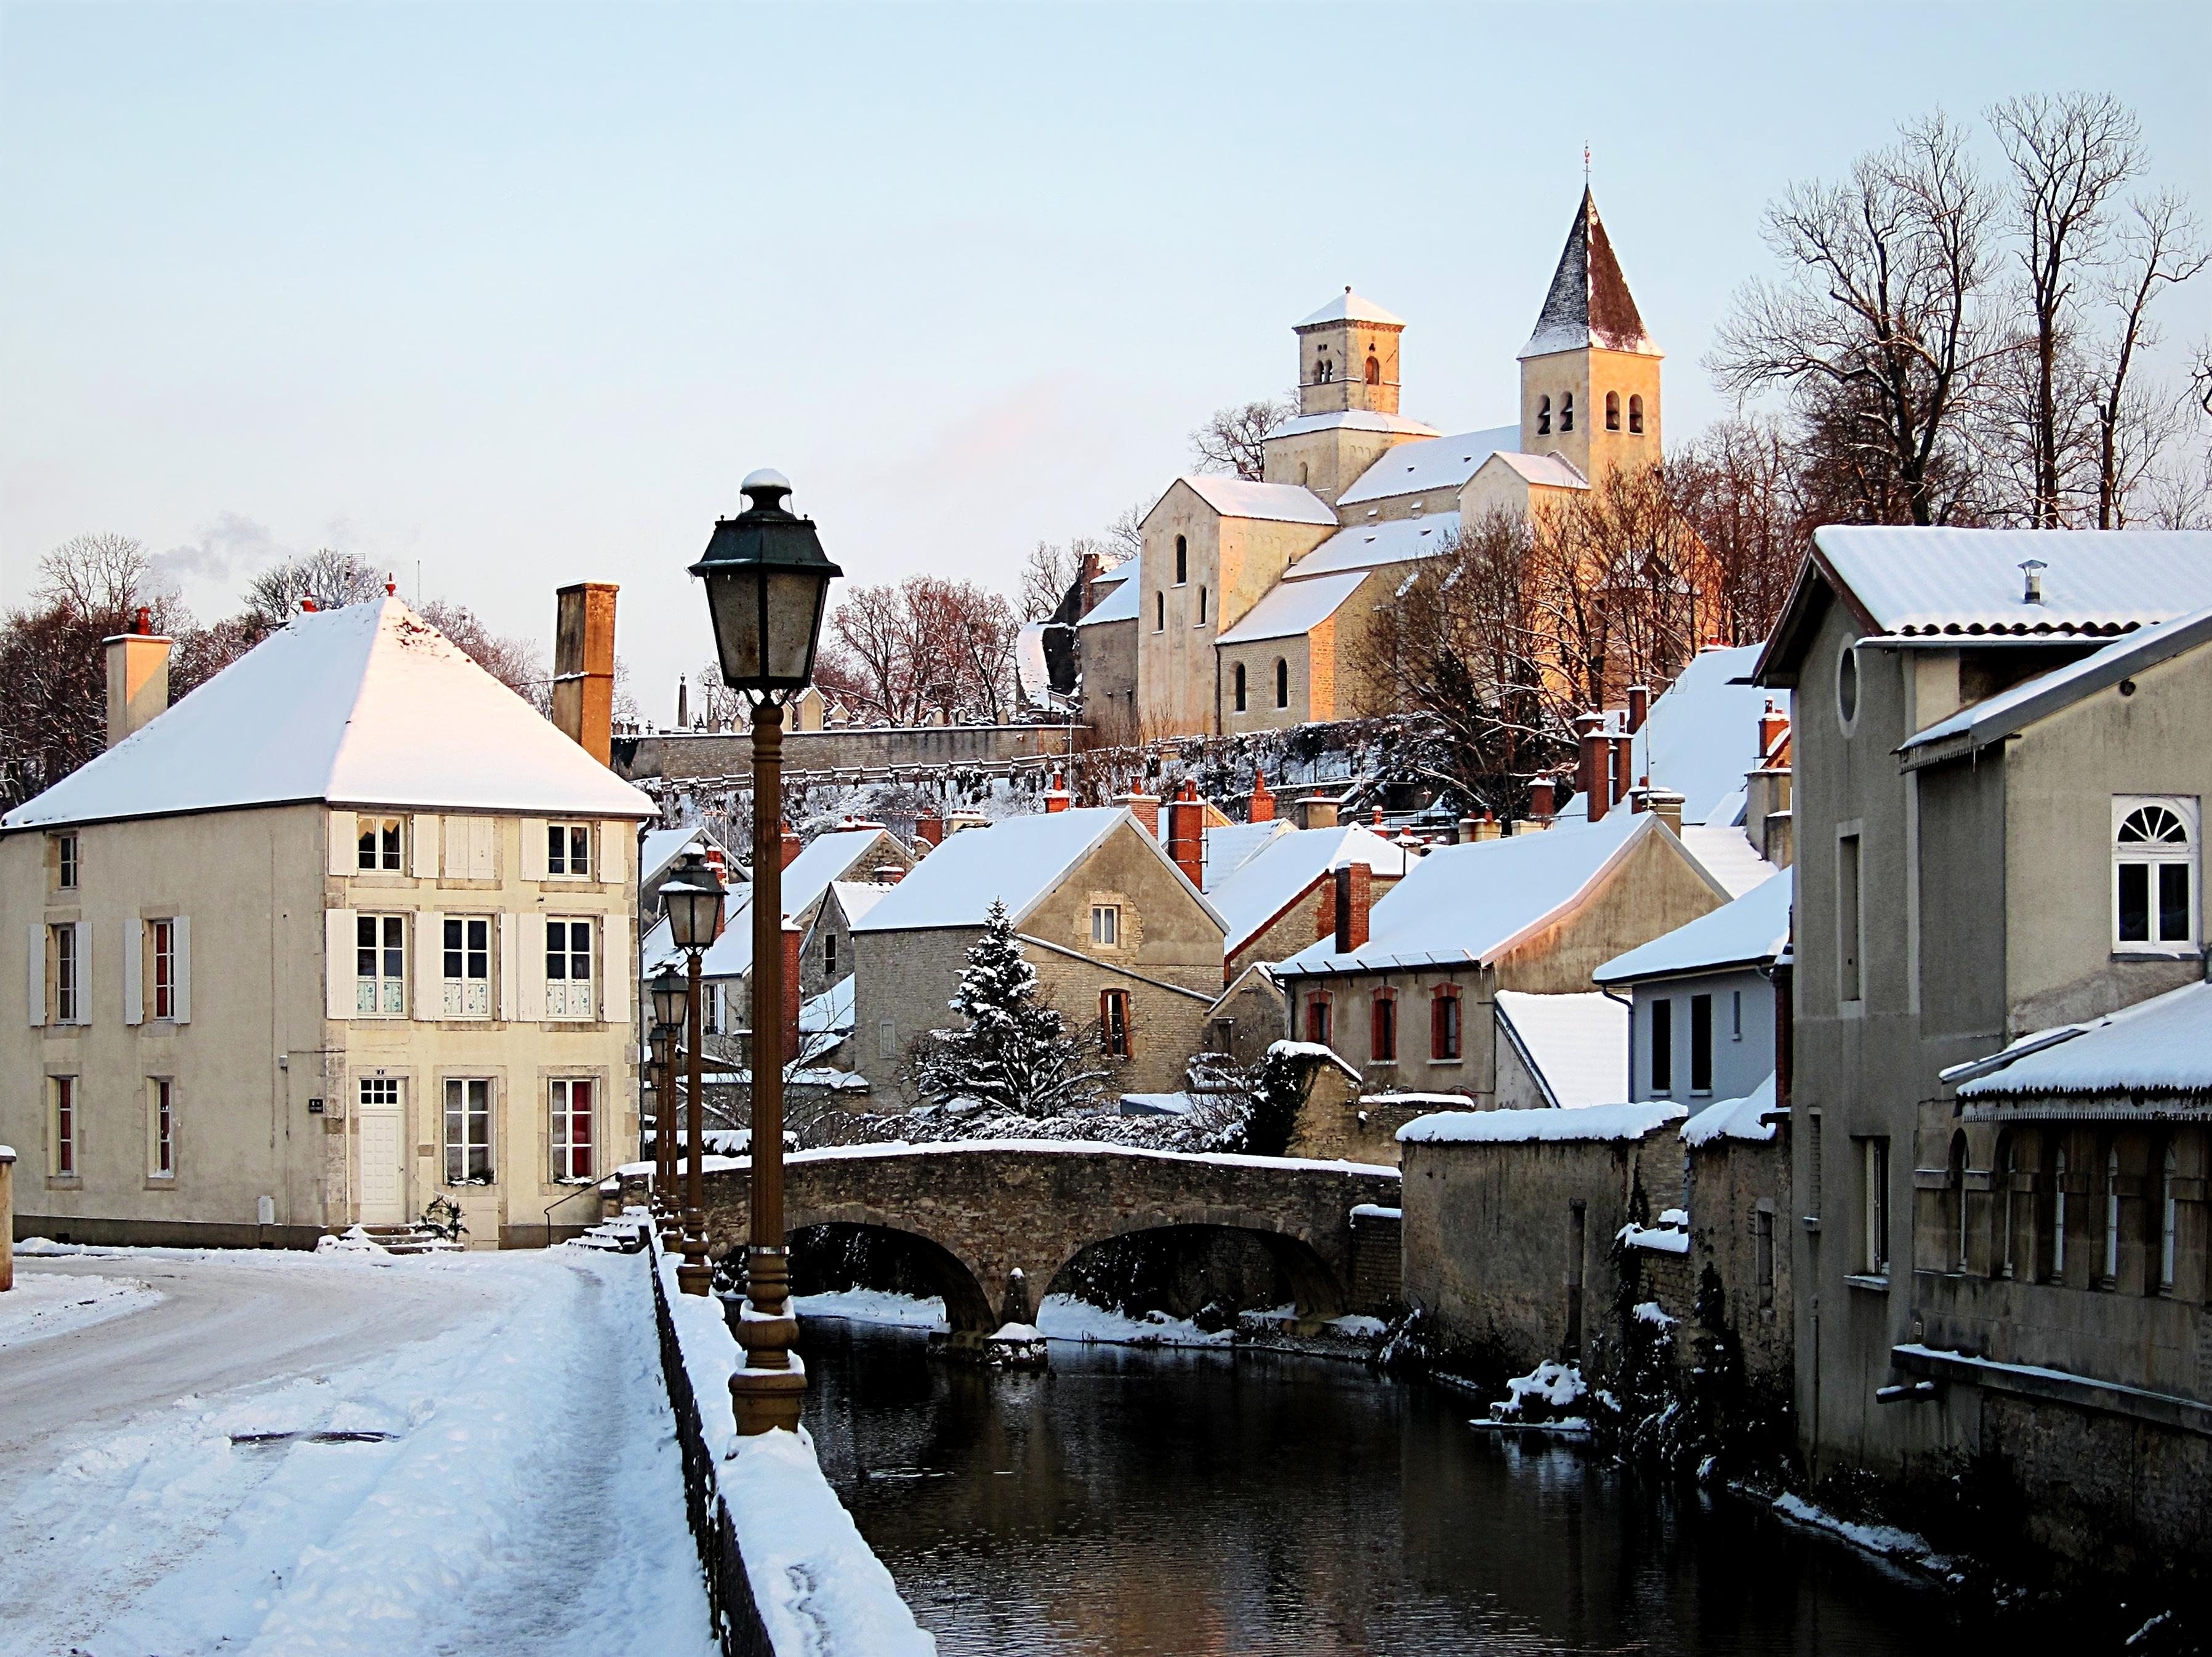 File:Chatillon sur Seine Seine.JPG - Wikimedia Commons